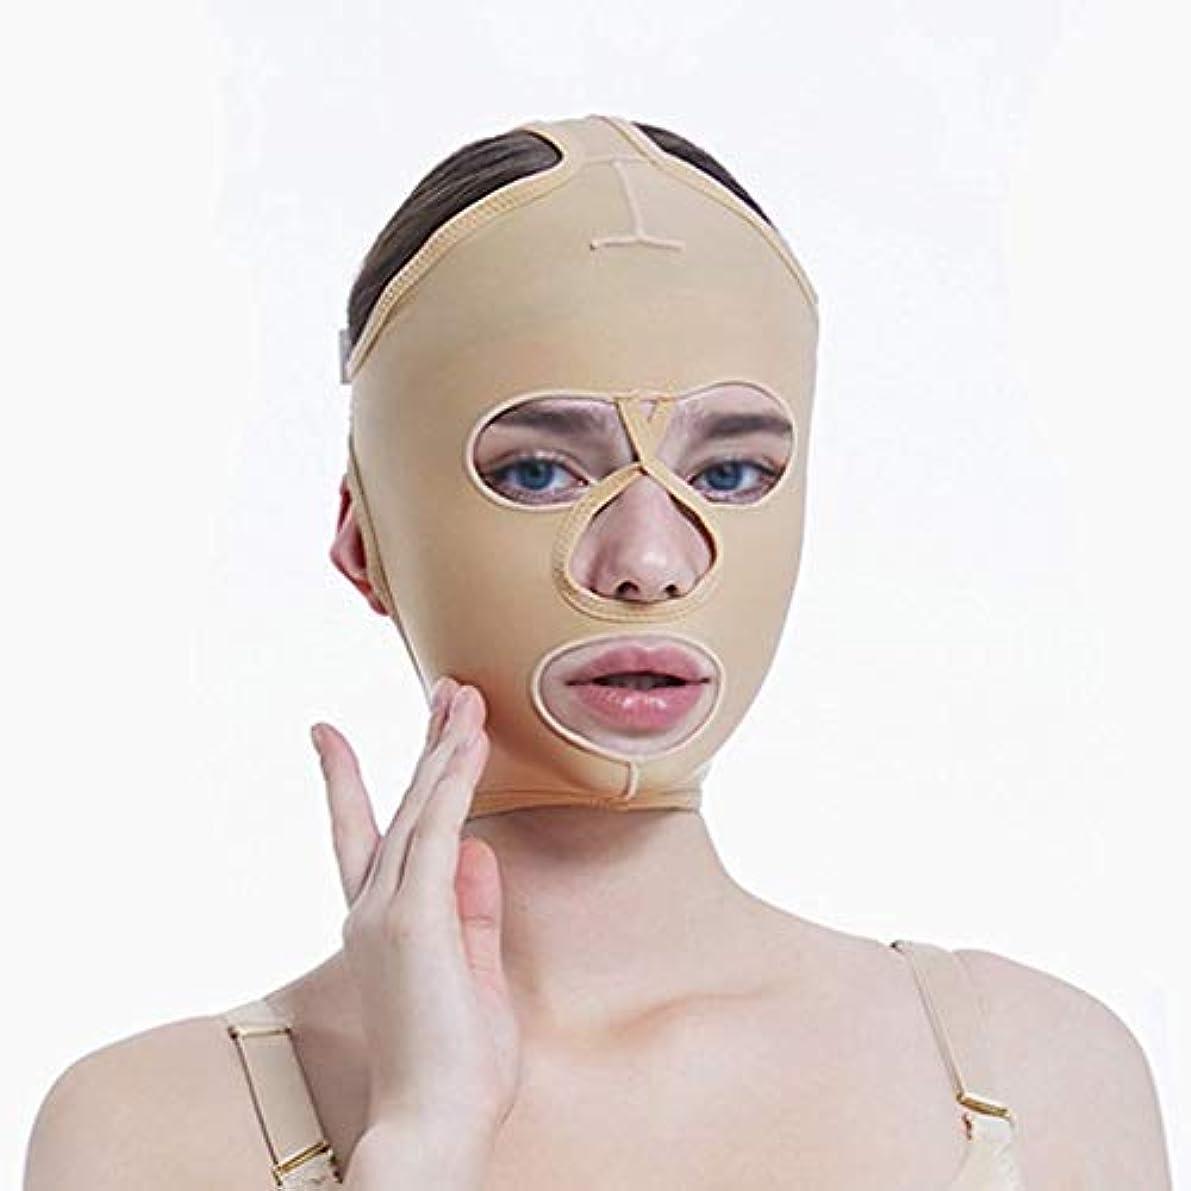 今晩ハンマー離すチンリフティングベルト、超薄型ベルト、引き締めマスク、包帯吊り、フェイスリフティングマスク、超薄型ベルト、通気性(サイズ:L),M